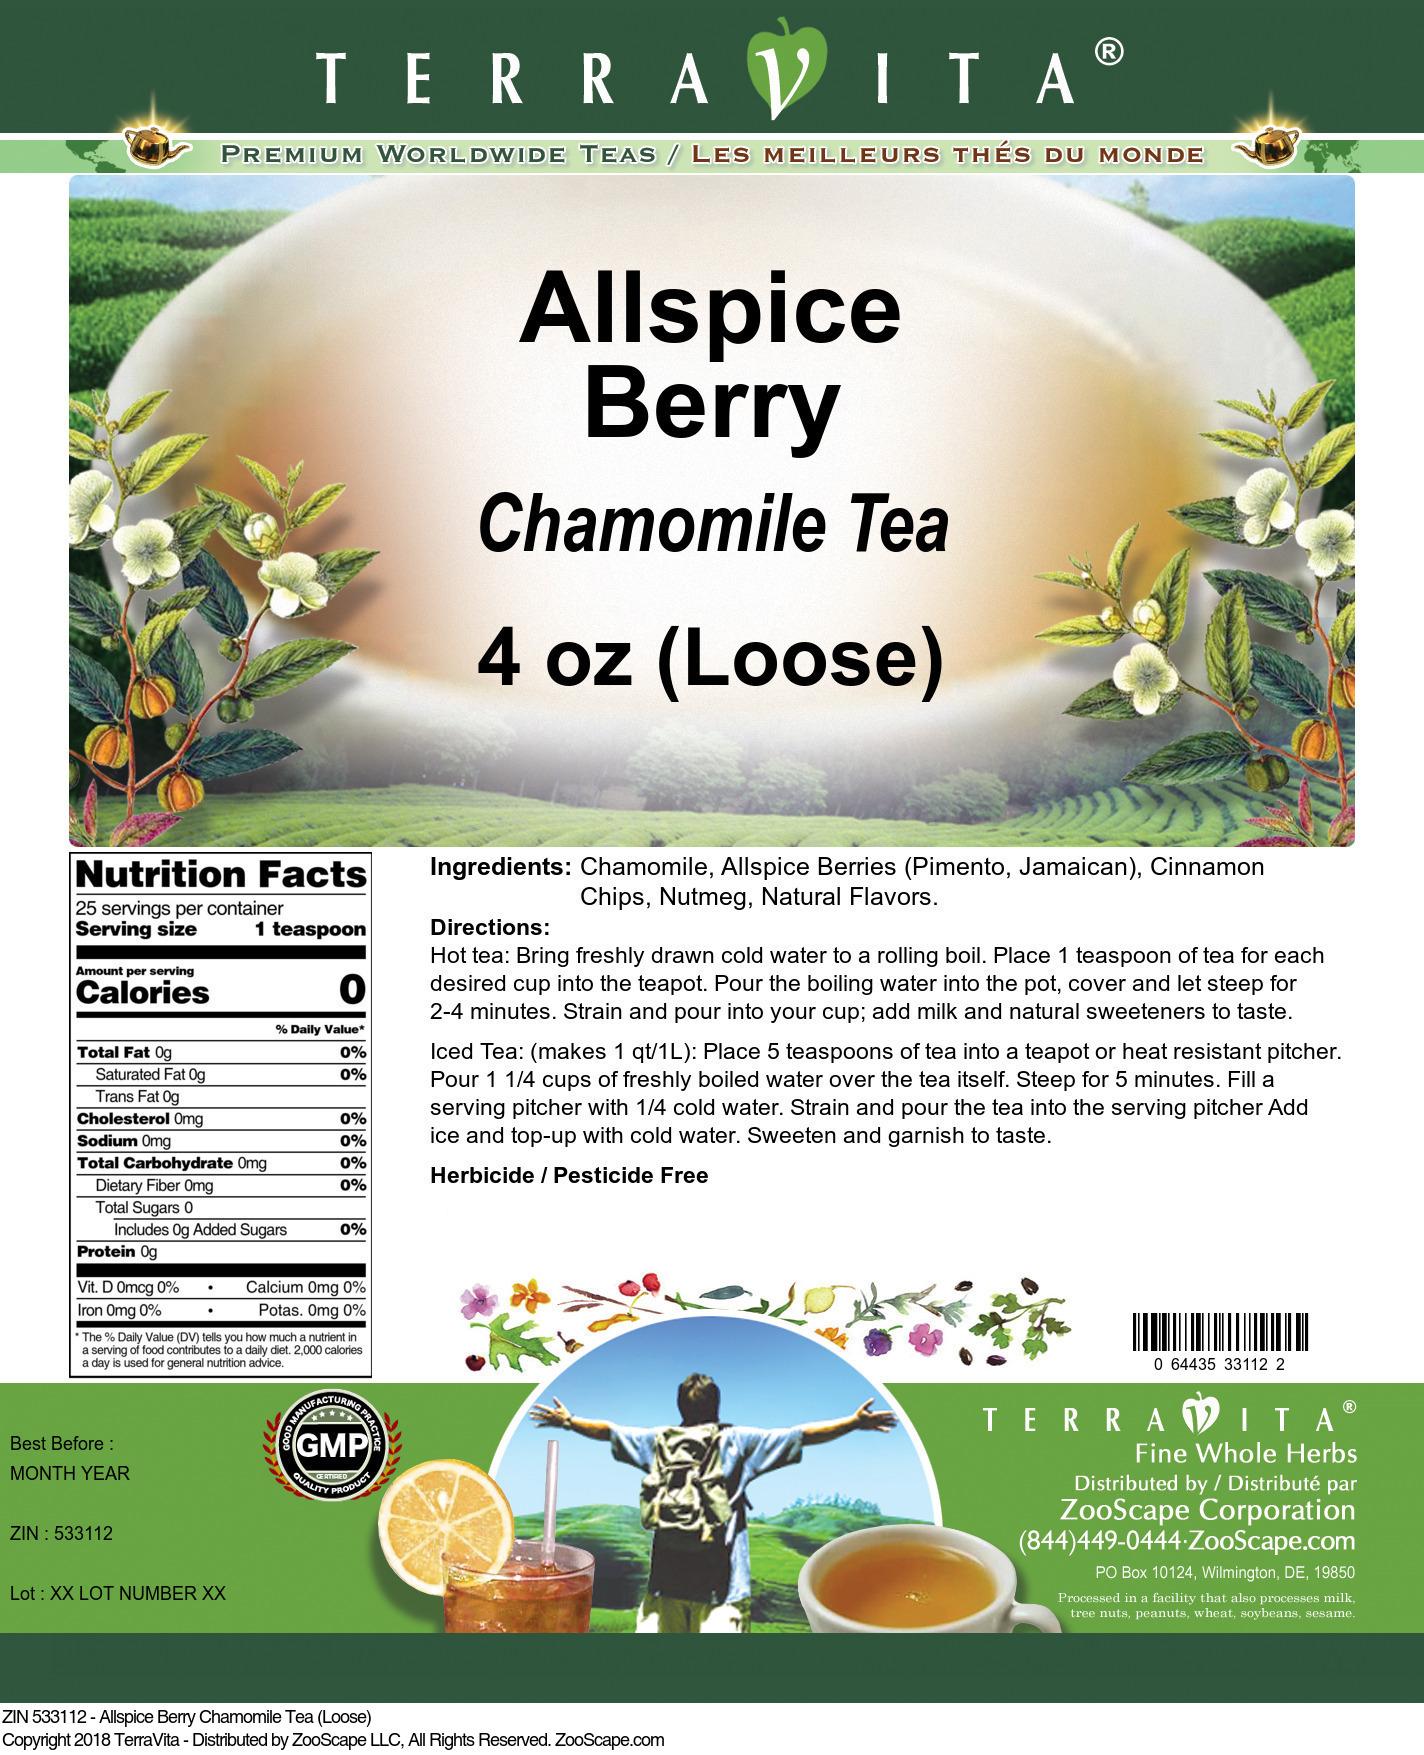 Allspice Berry Chamomile Tea